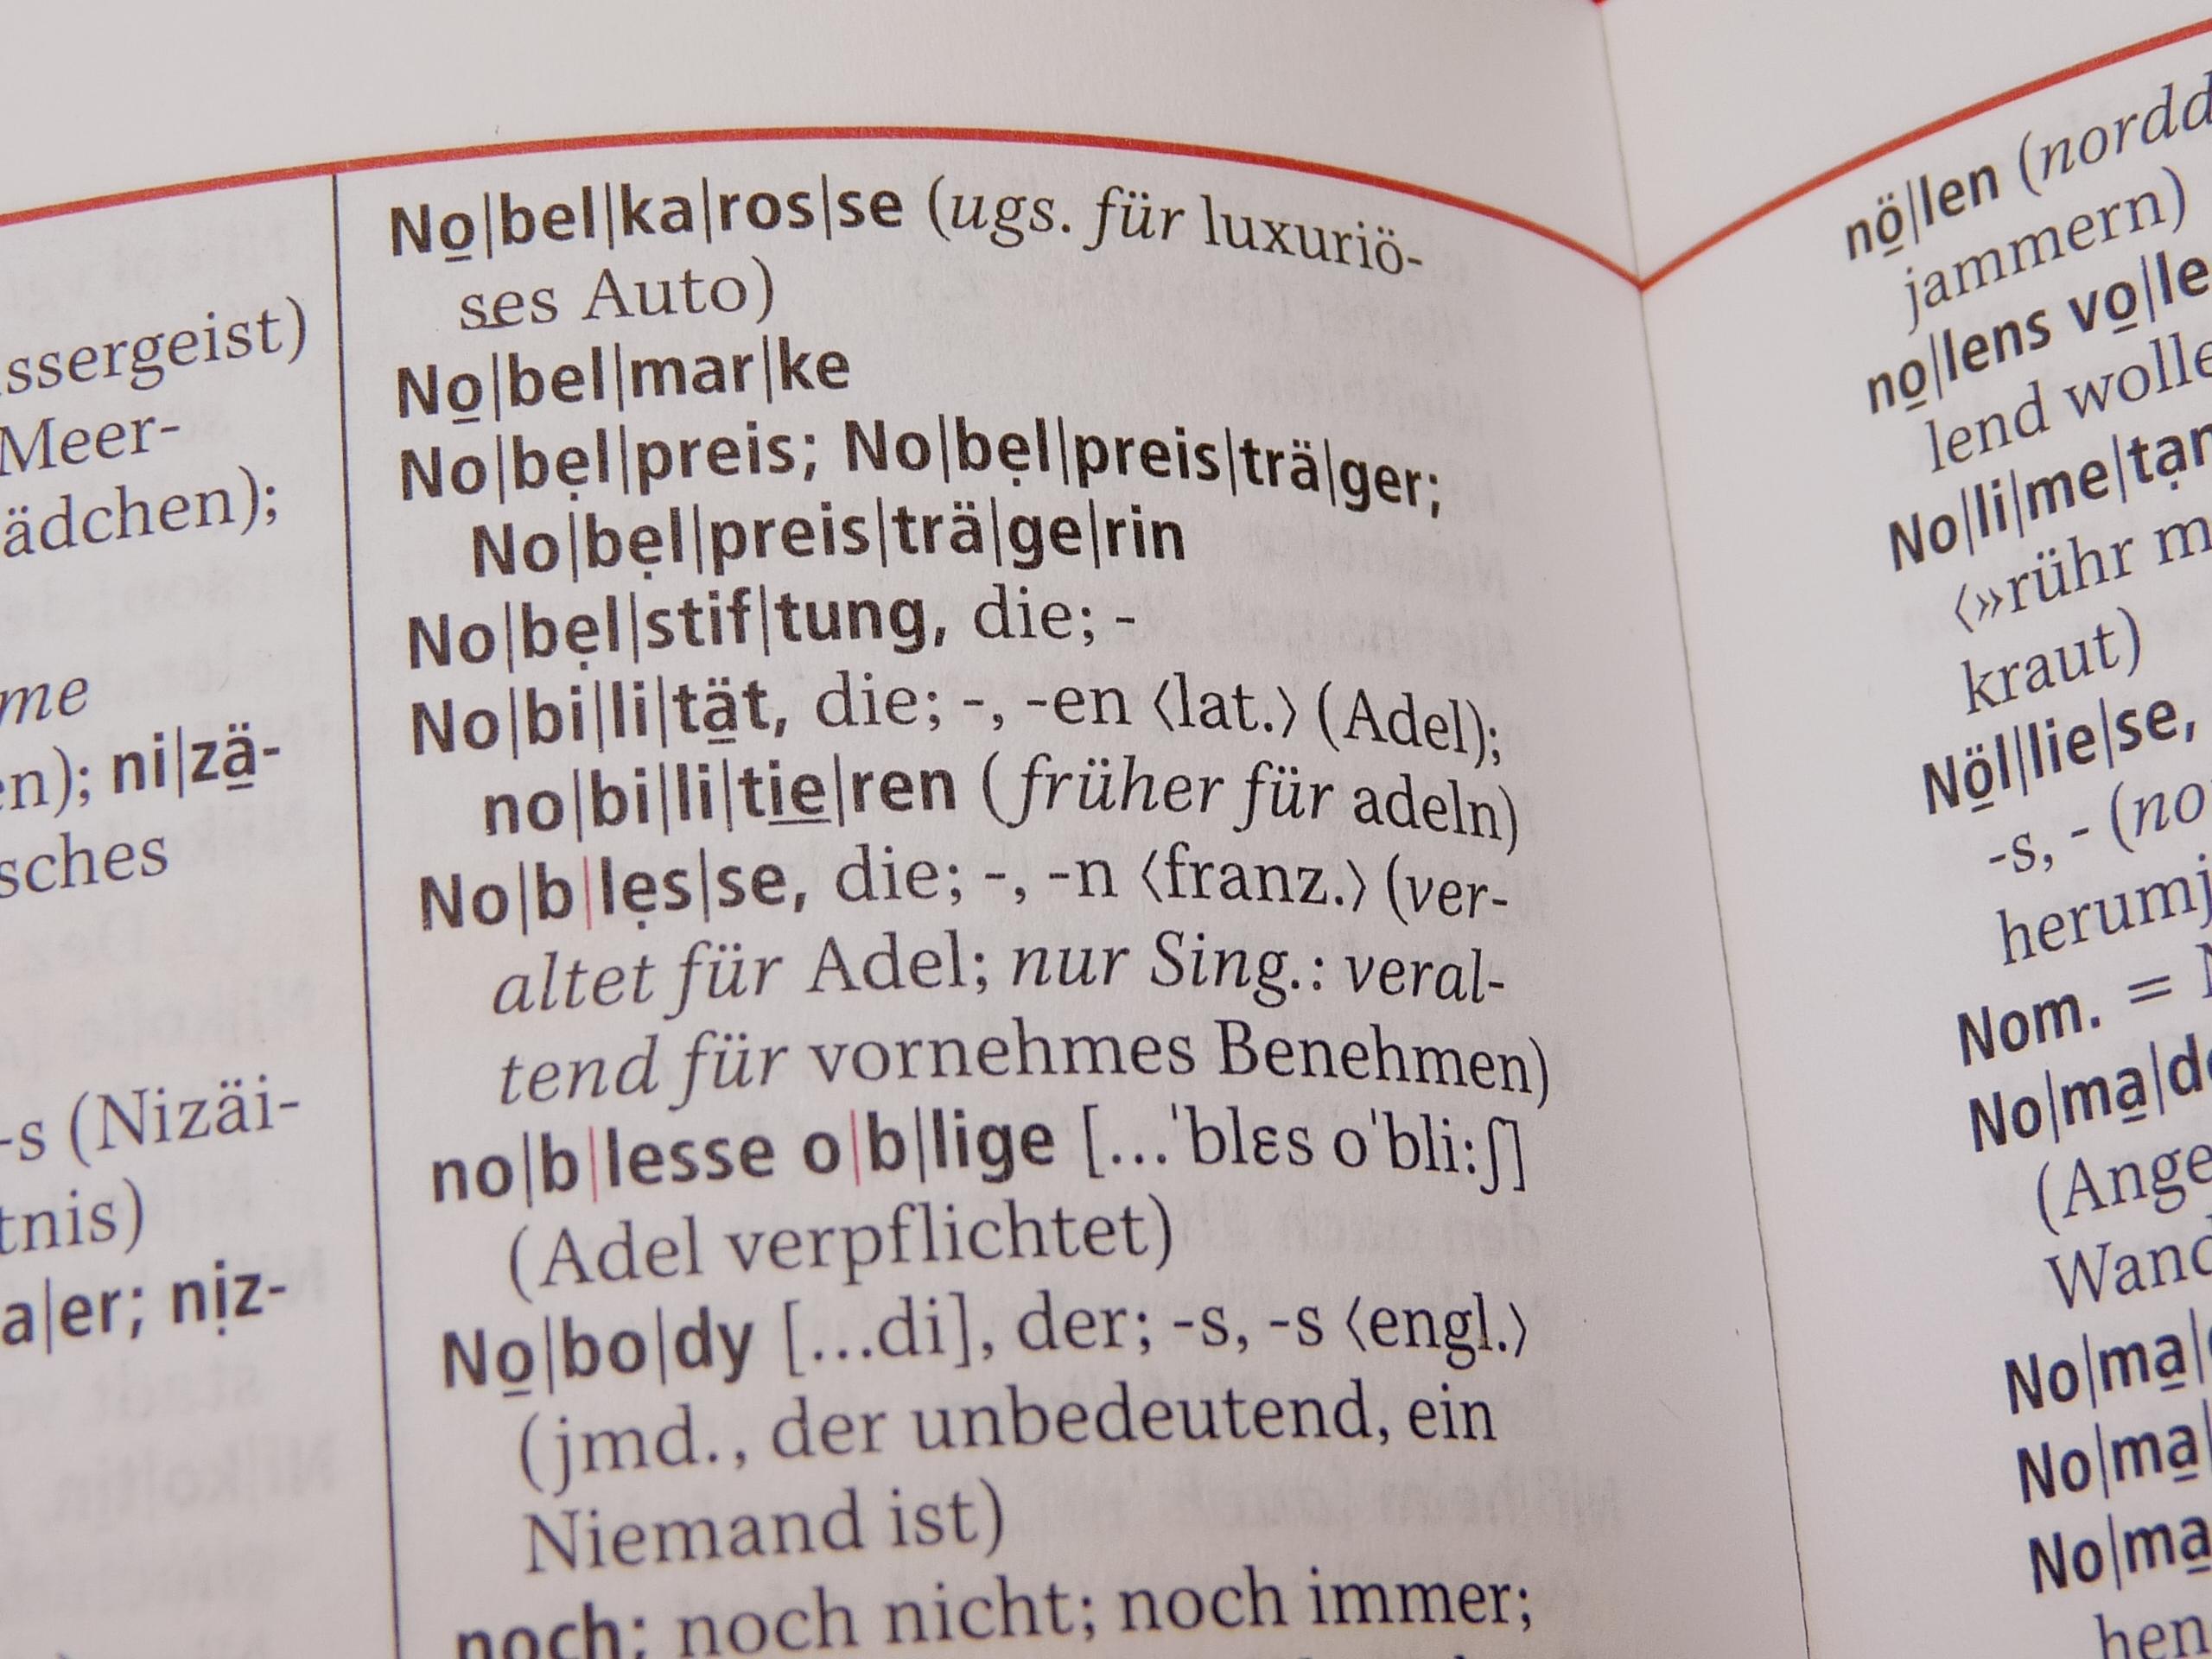 Foto: bei dem Begriff Nobelpreis aufgeschlagenes Wörterbuch